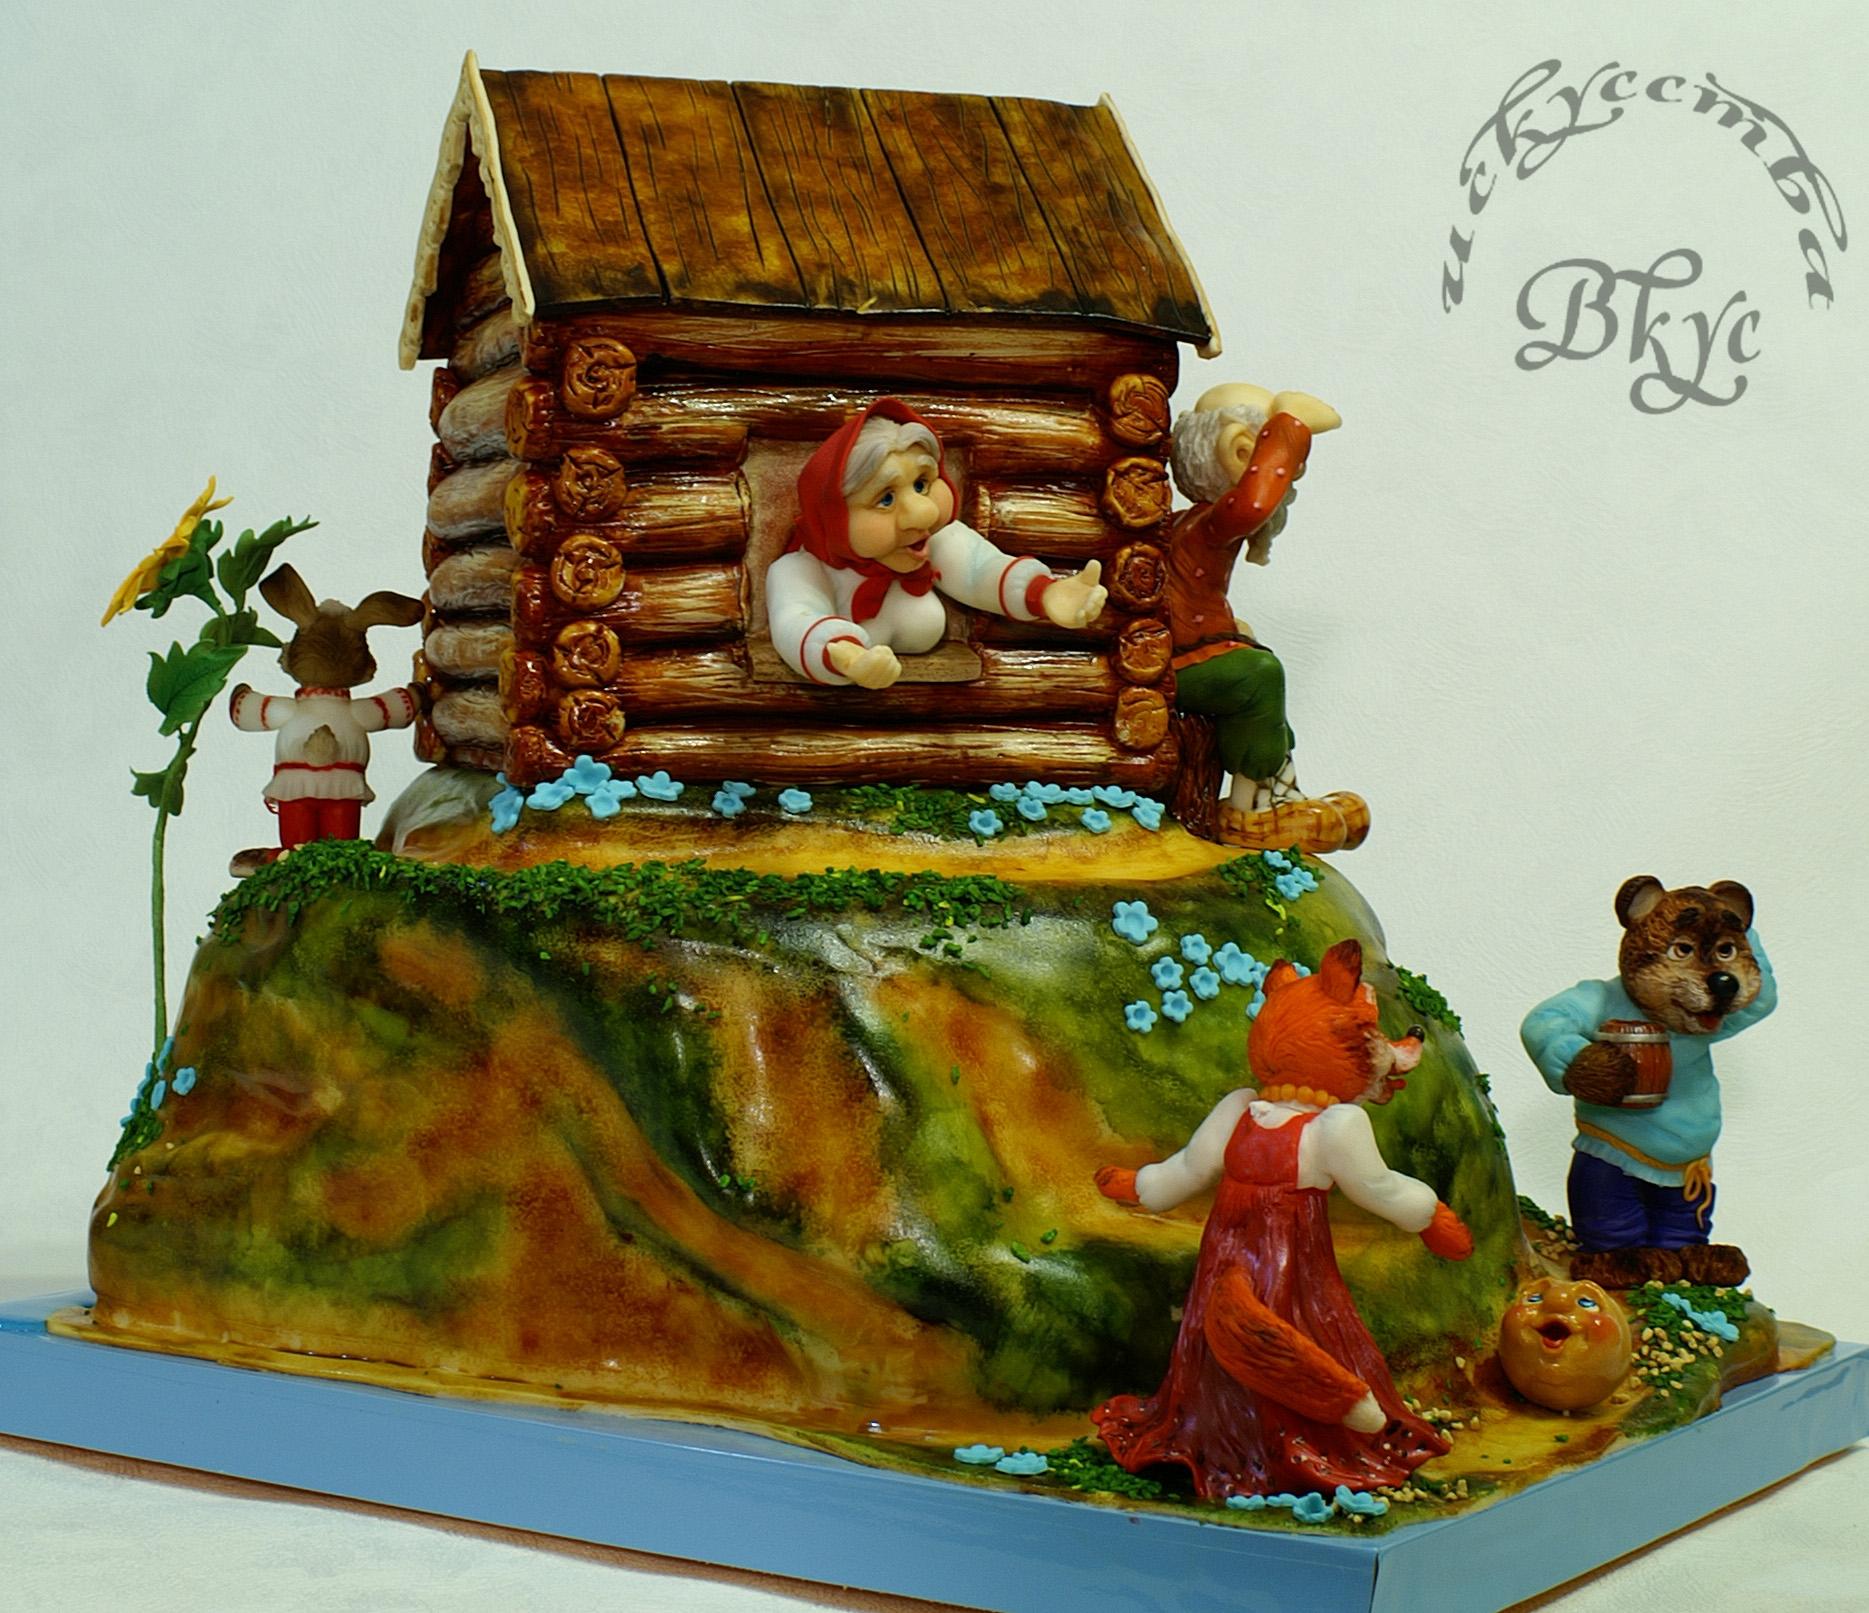 клювом торт со сказочными персонажами своими руками фото минерал